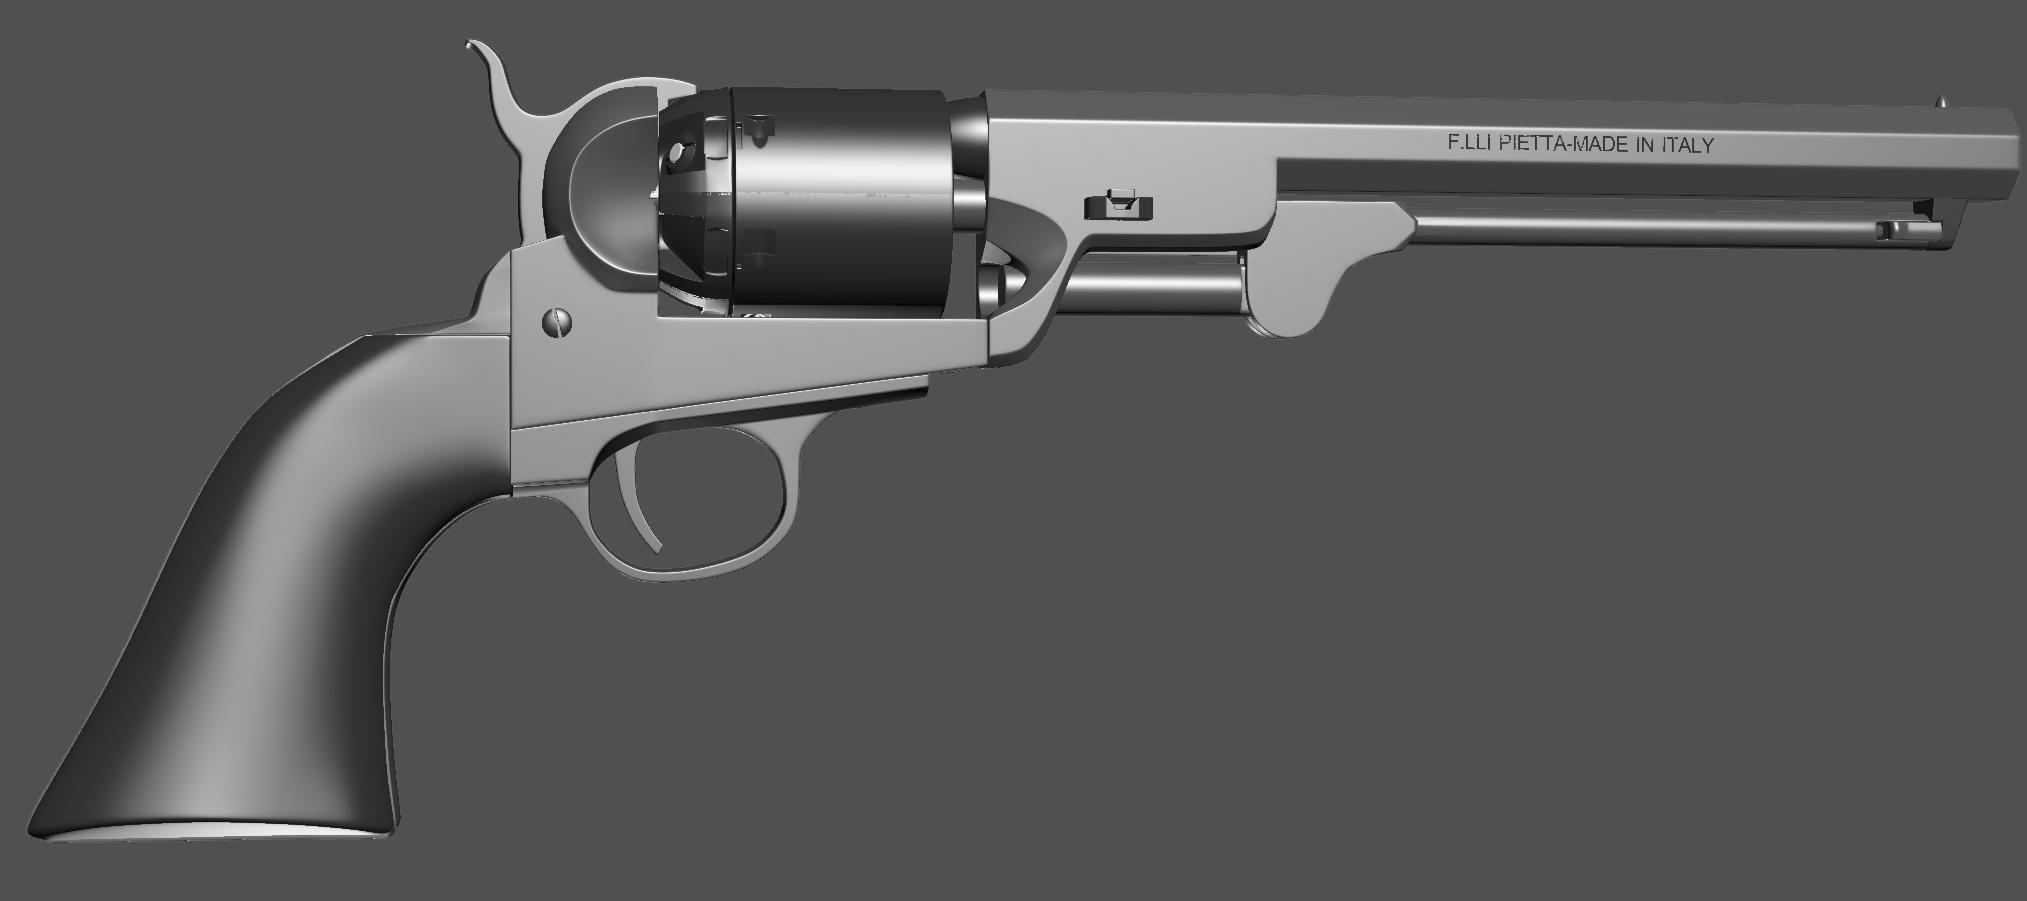 1851 Colt Navy revolver manual